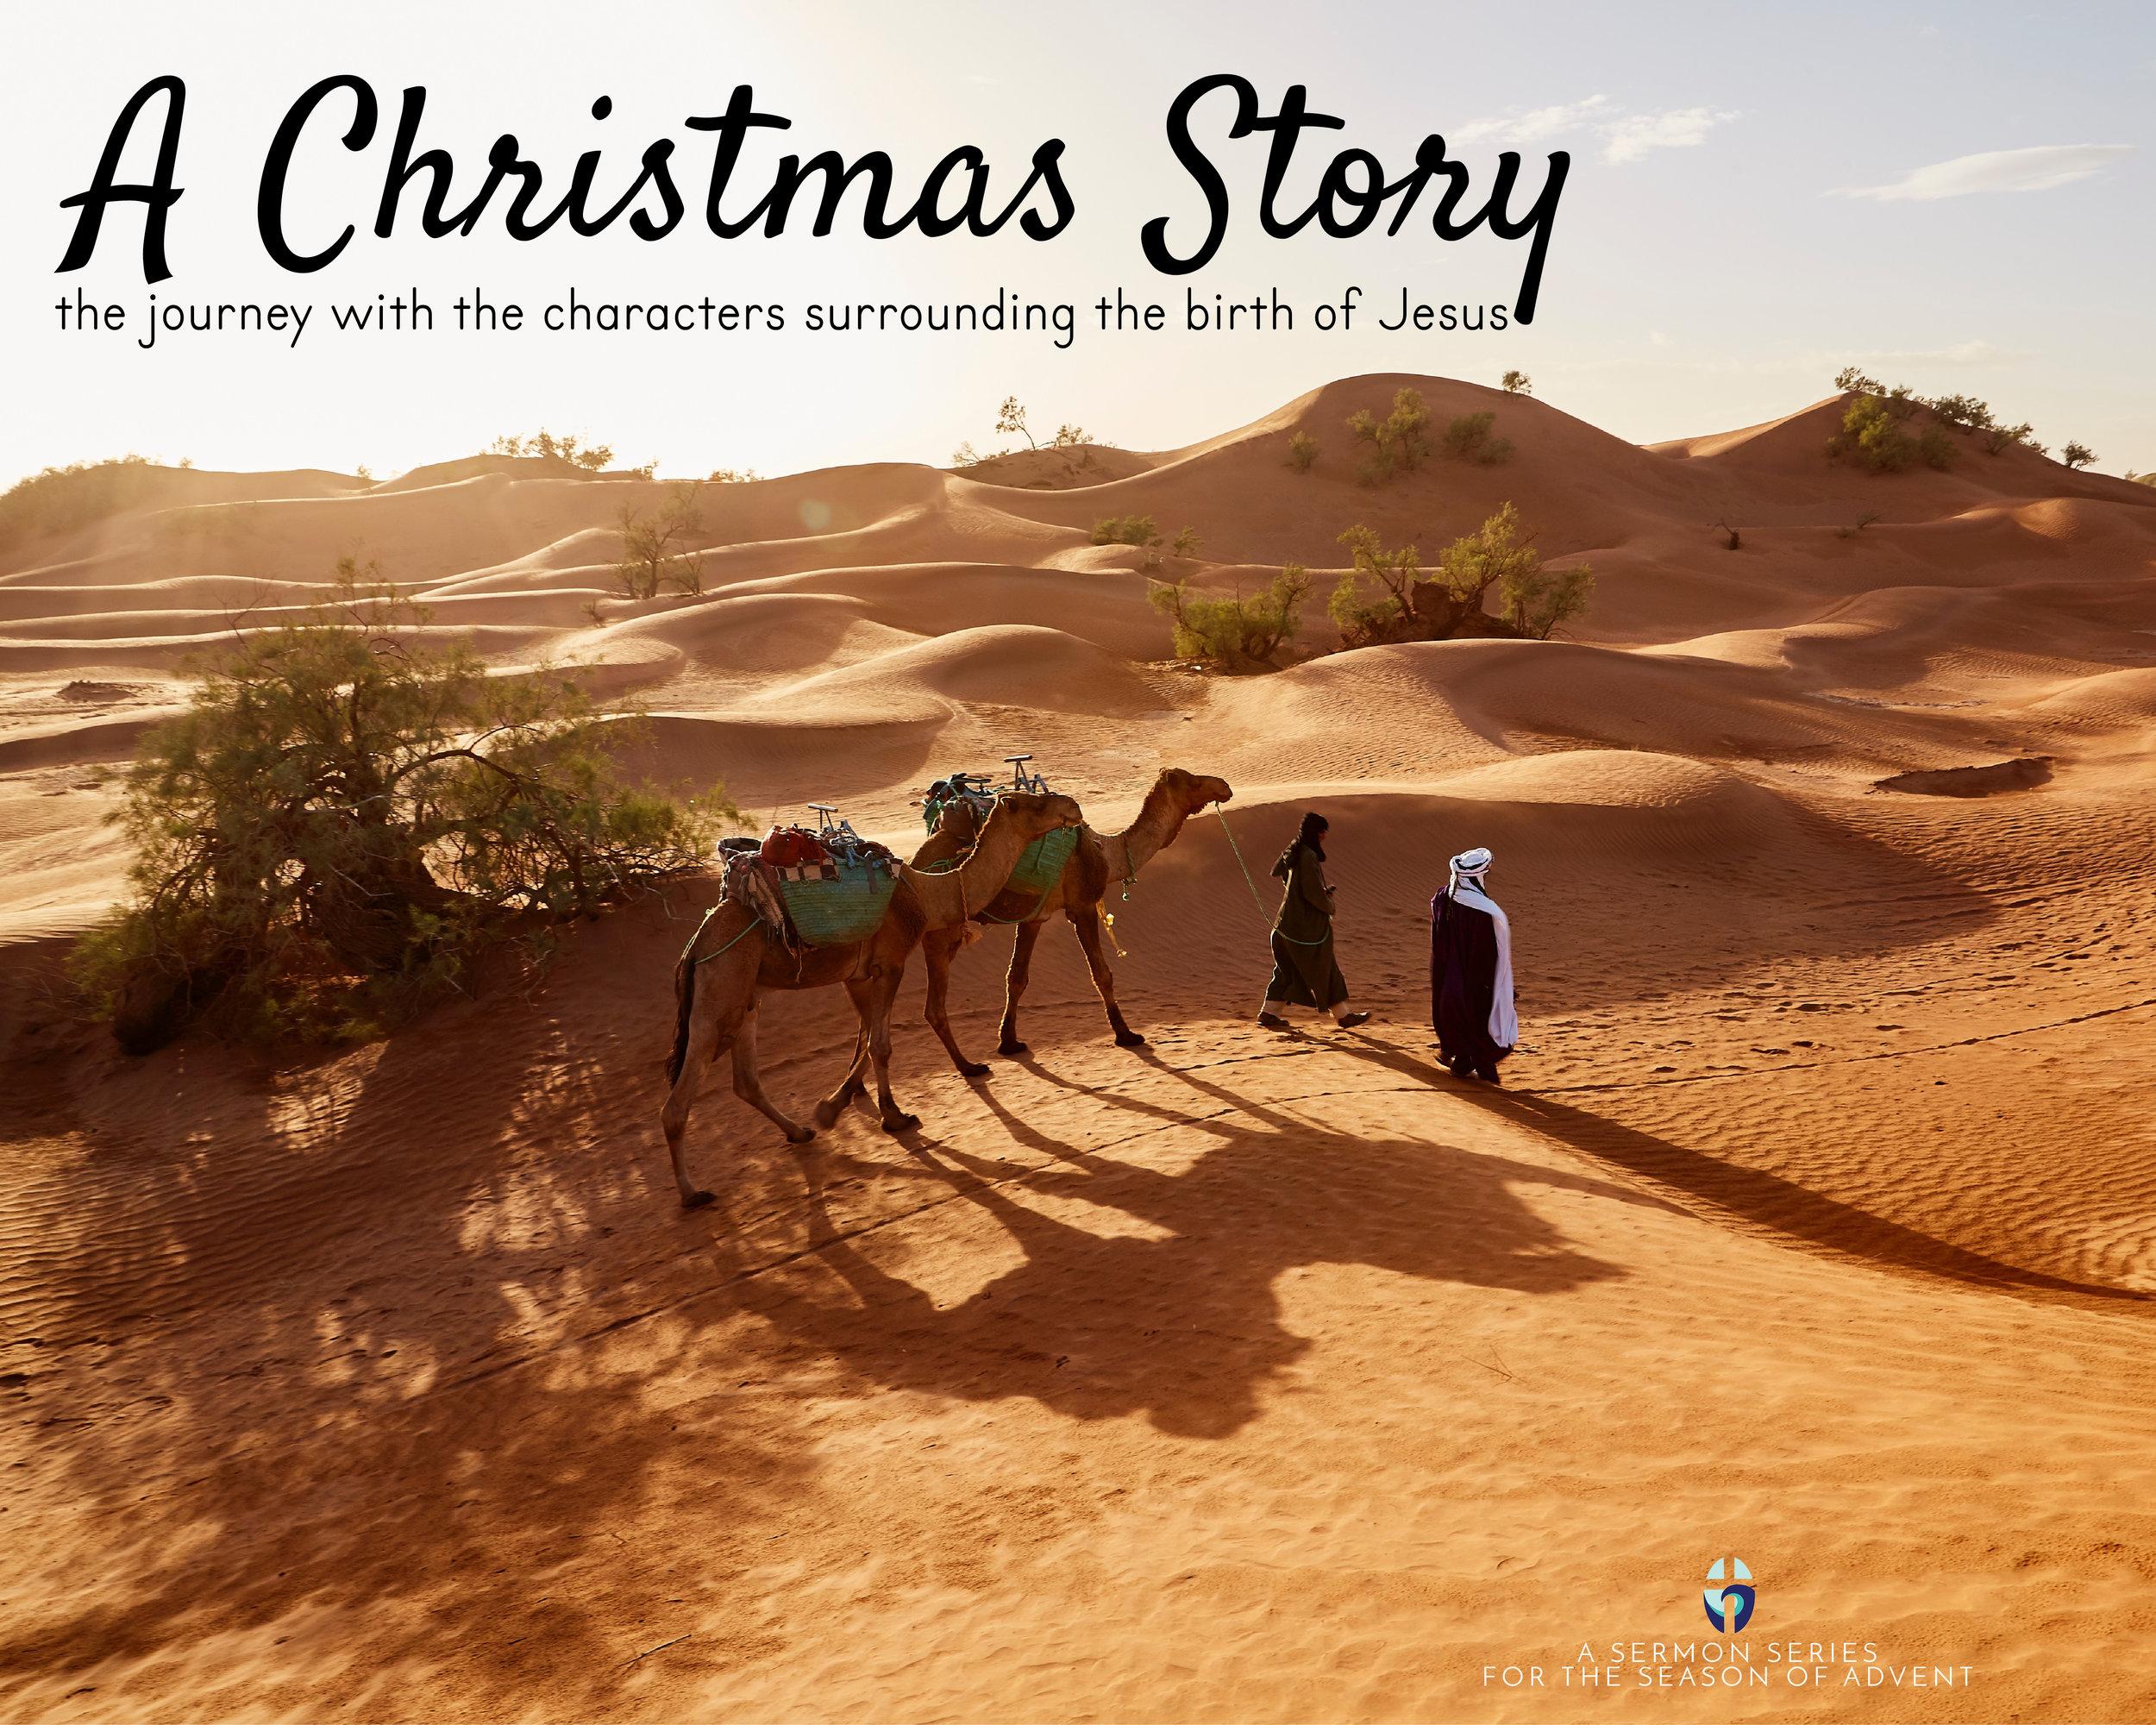 Christmas-Story-Sermonseries-slide.jpg